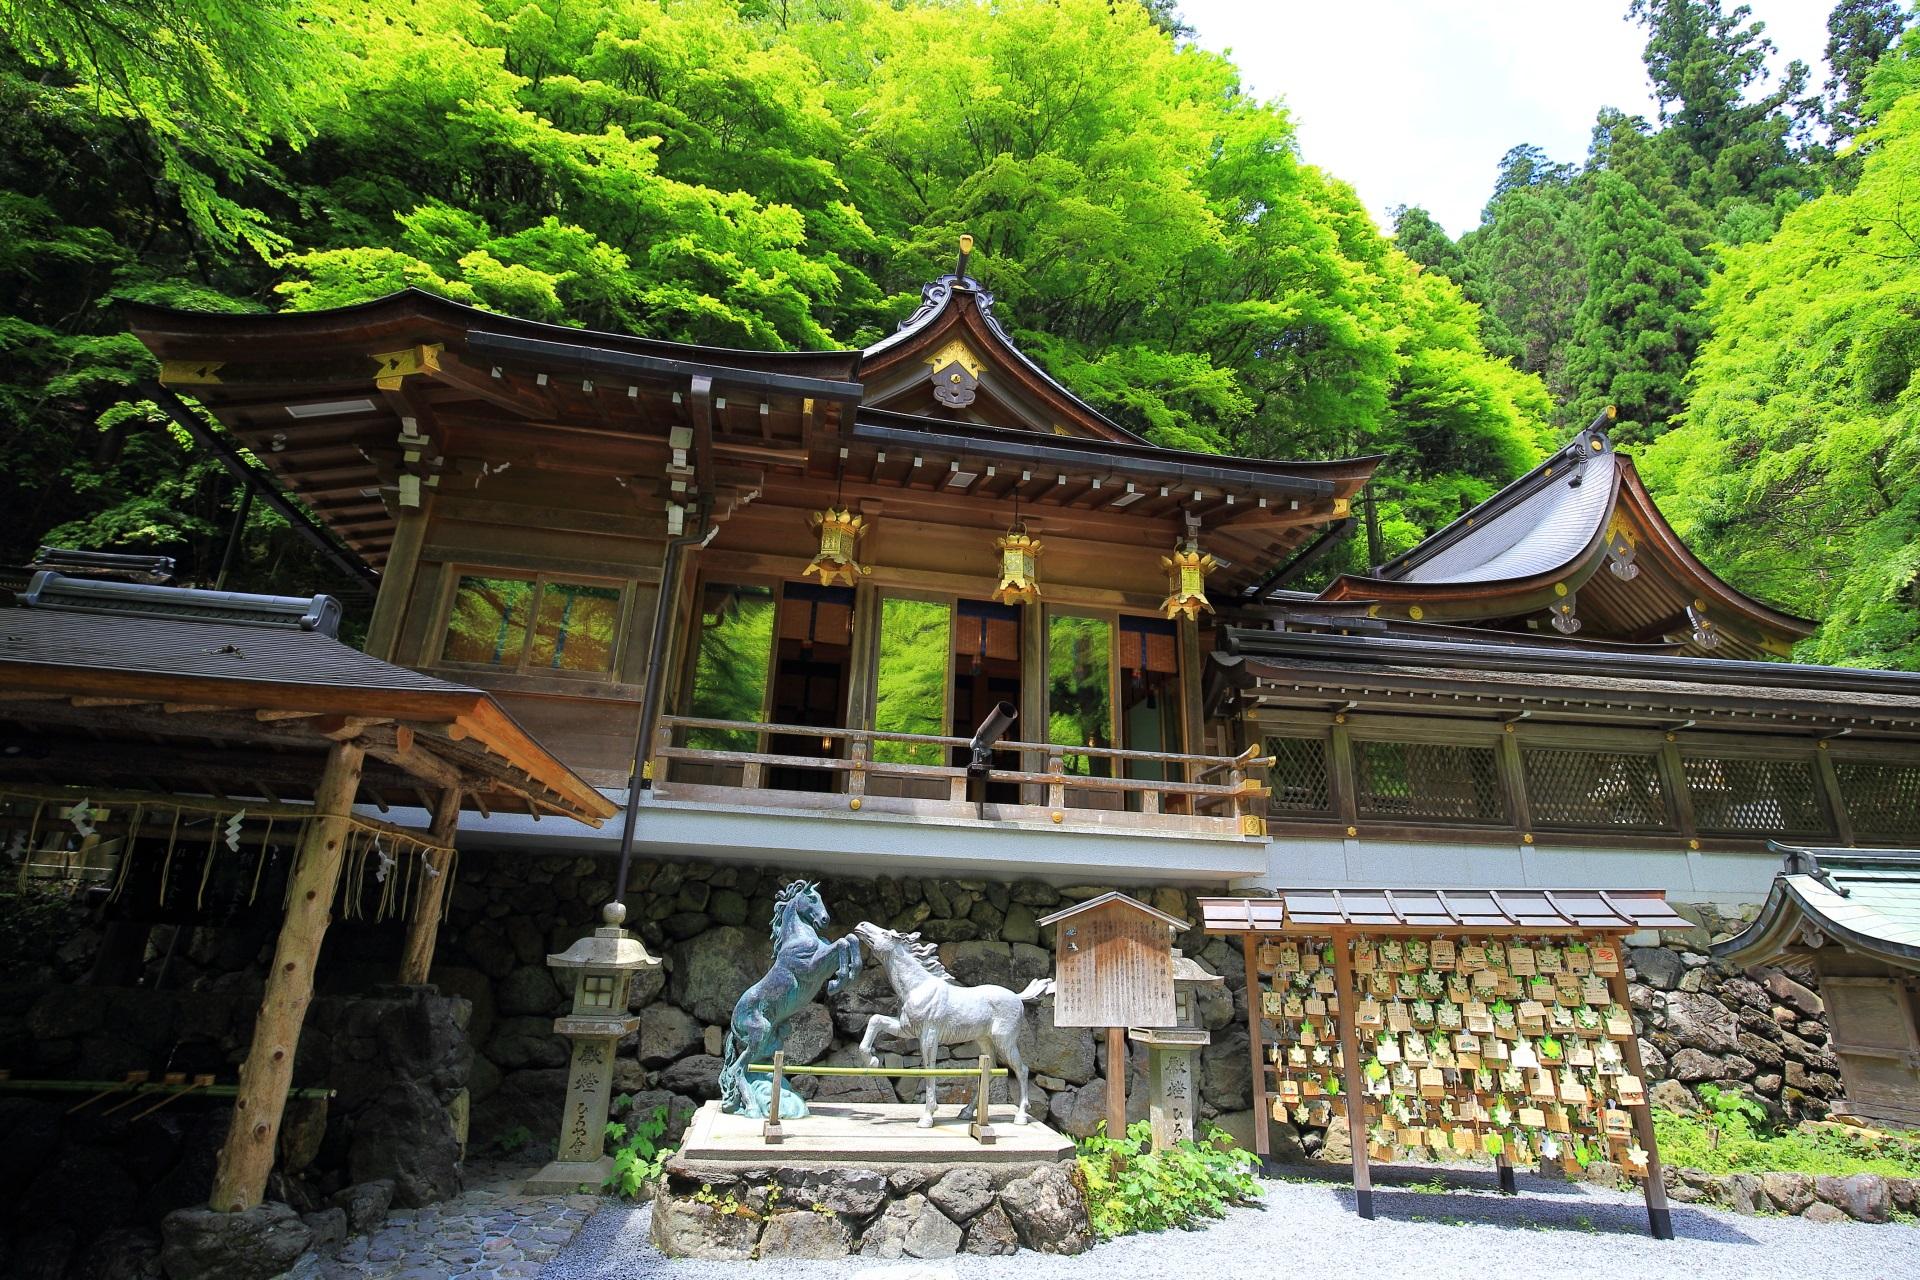 緑につつまれた貴船神社の美しい本宮